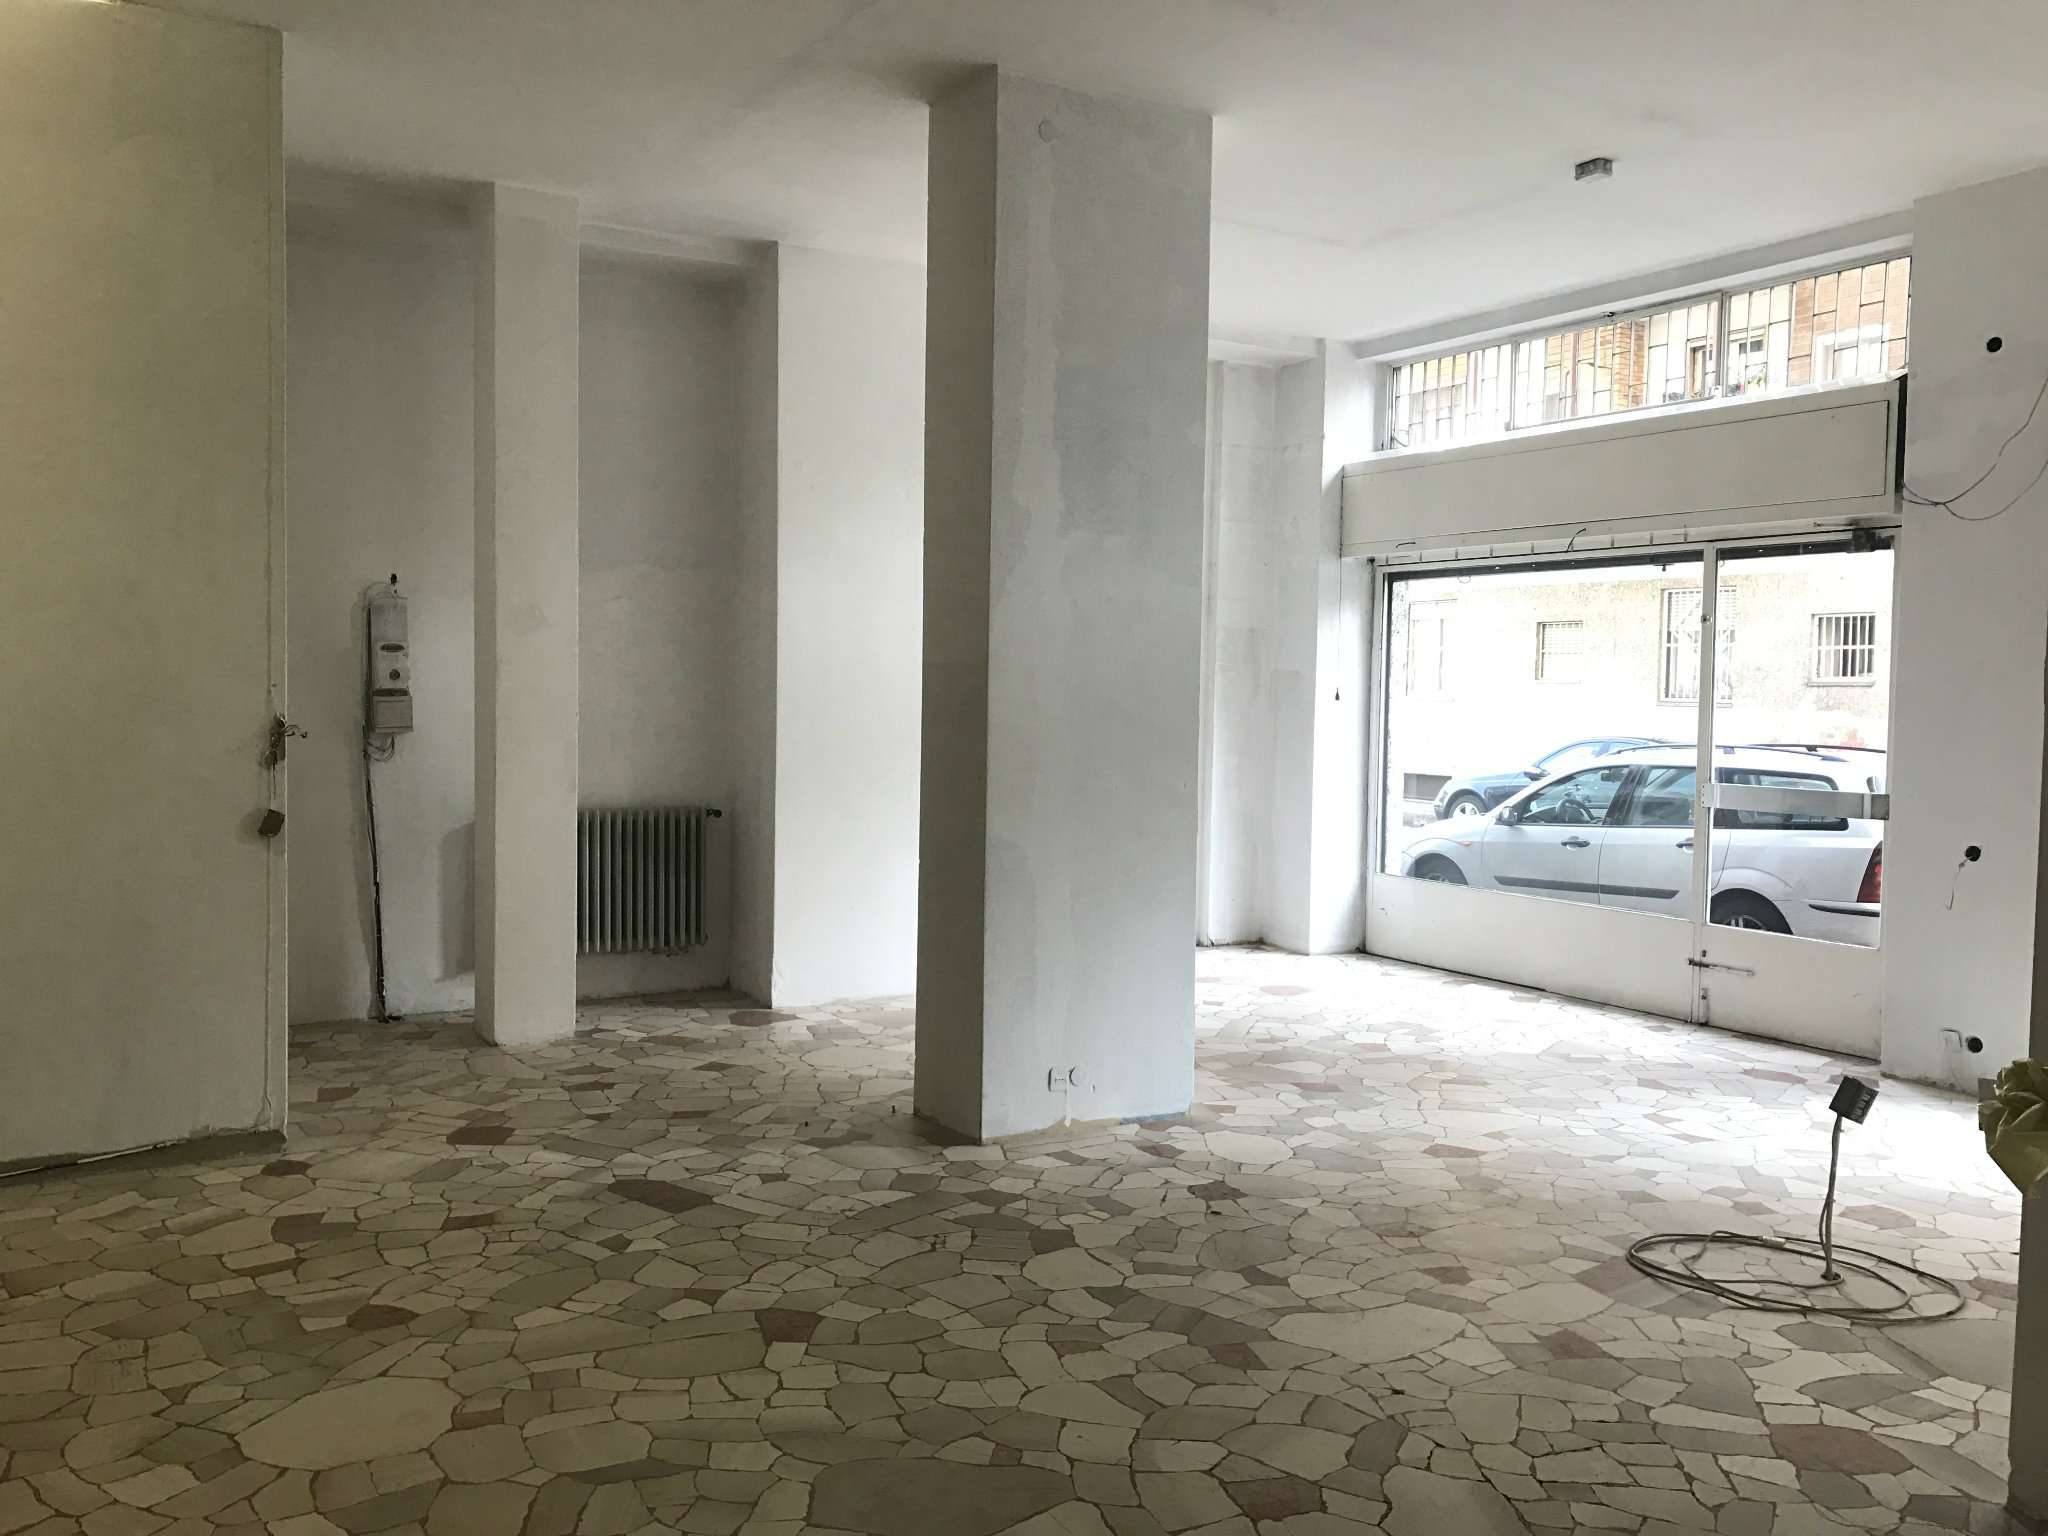 Negozio / Locale in affitto a San Giuliano Milanese, 2 locali, prezzo € 850 | Cambio Casa.it